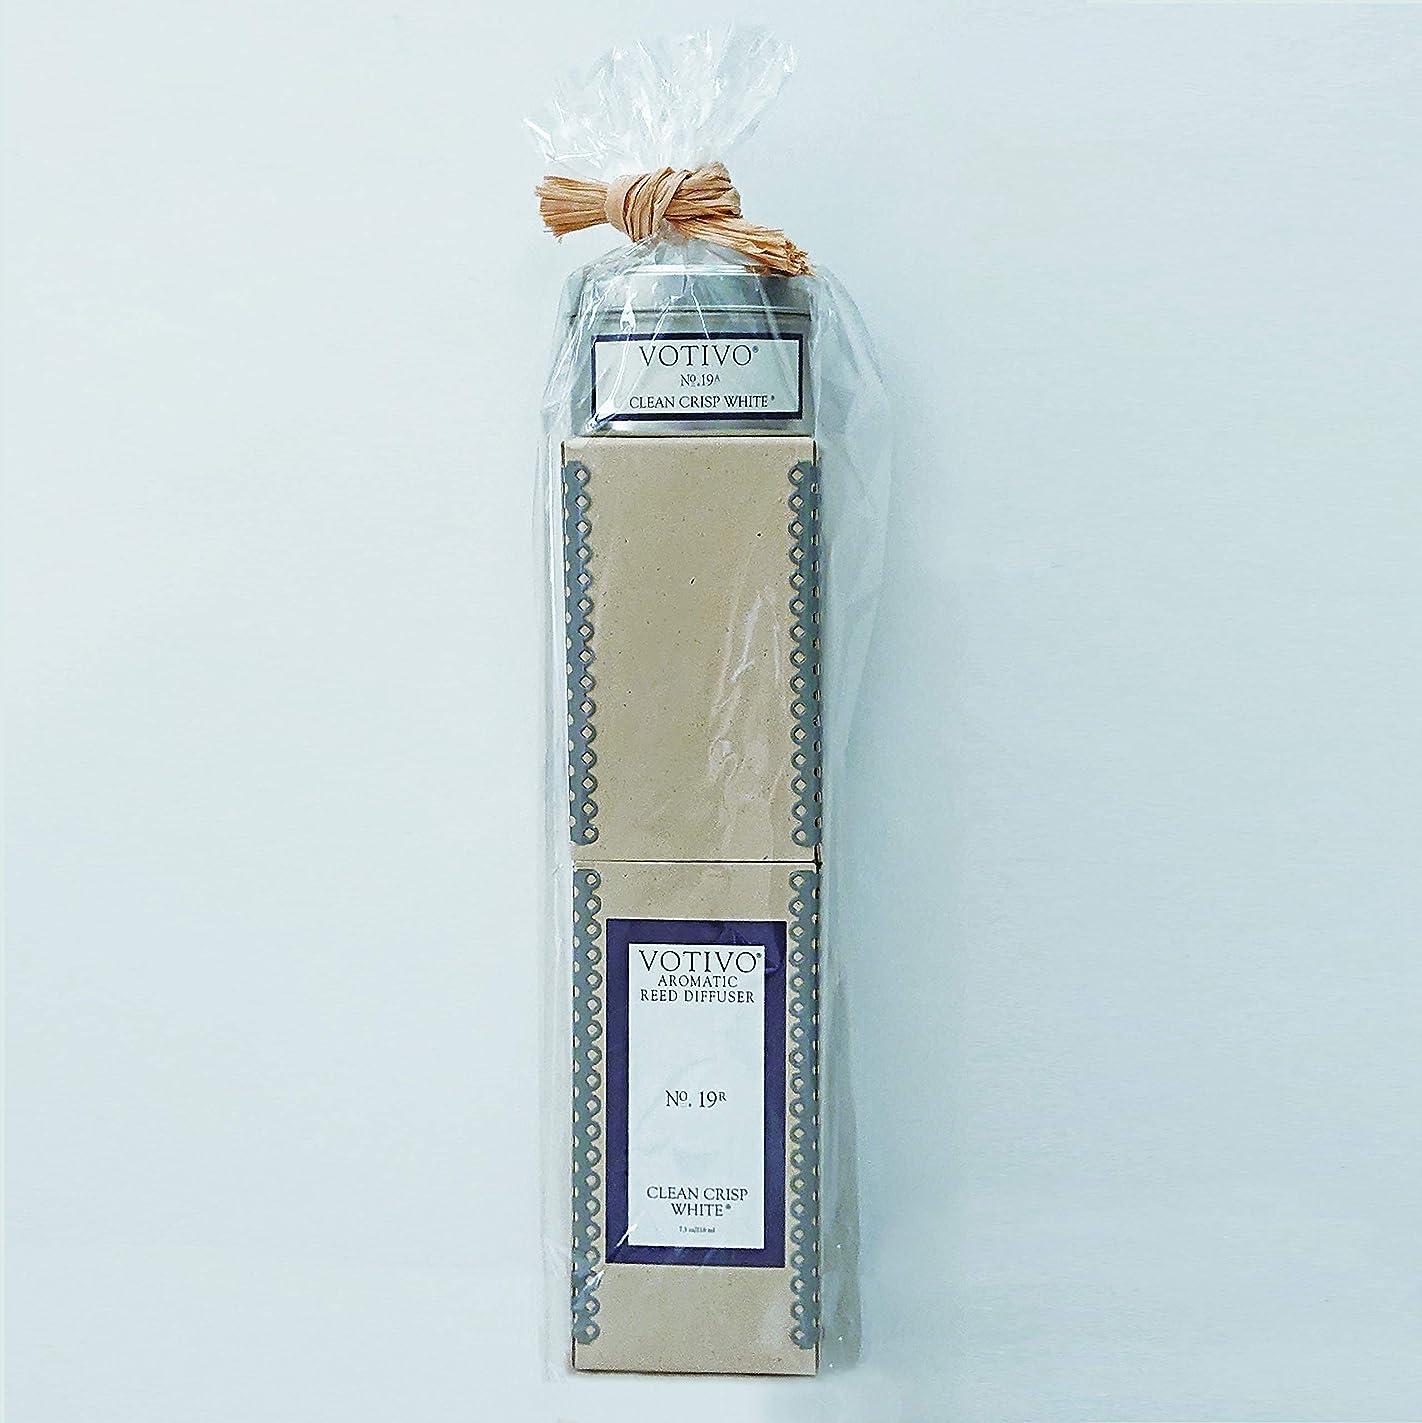 従事する守る宴会VOTIVO CLEAN CRISP WHITE SPECIAL リードディフューザー, トラベルティンキャンドルセット